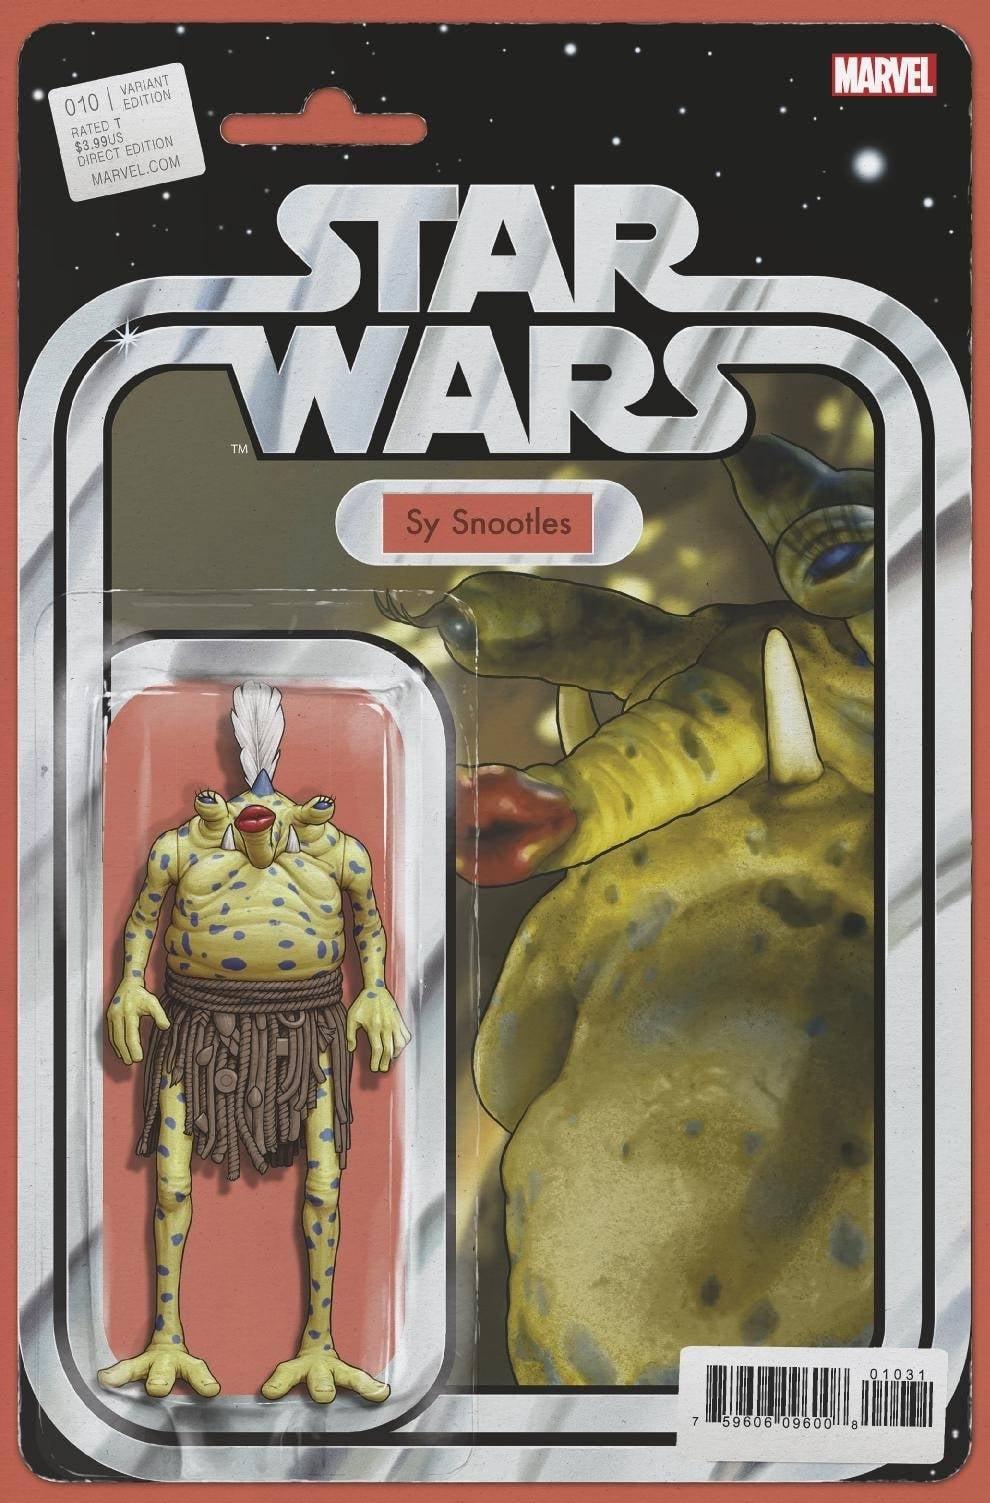 Star Wars 10 (Marvel 2020) - Action Figure Variant